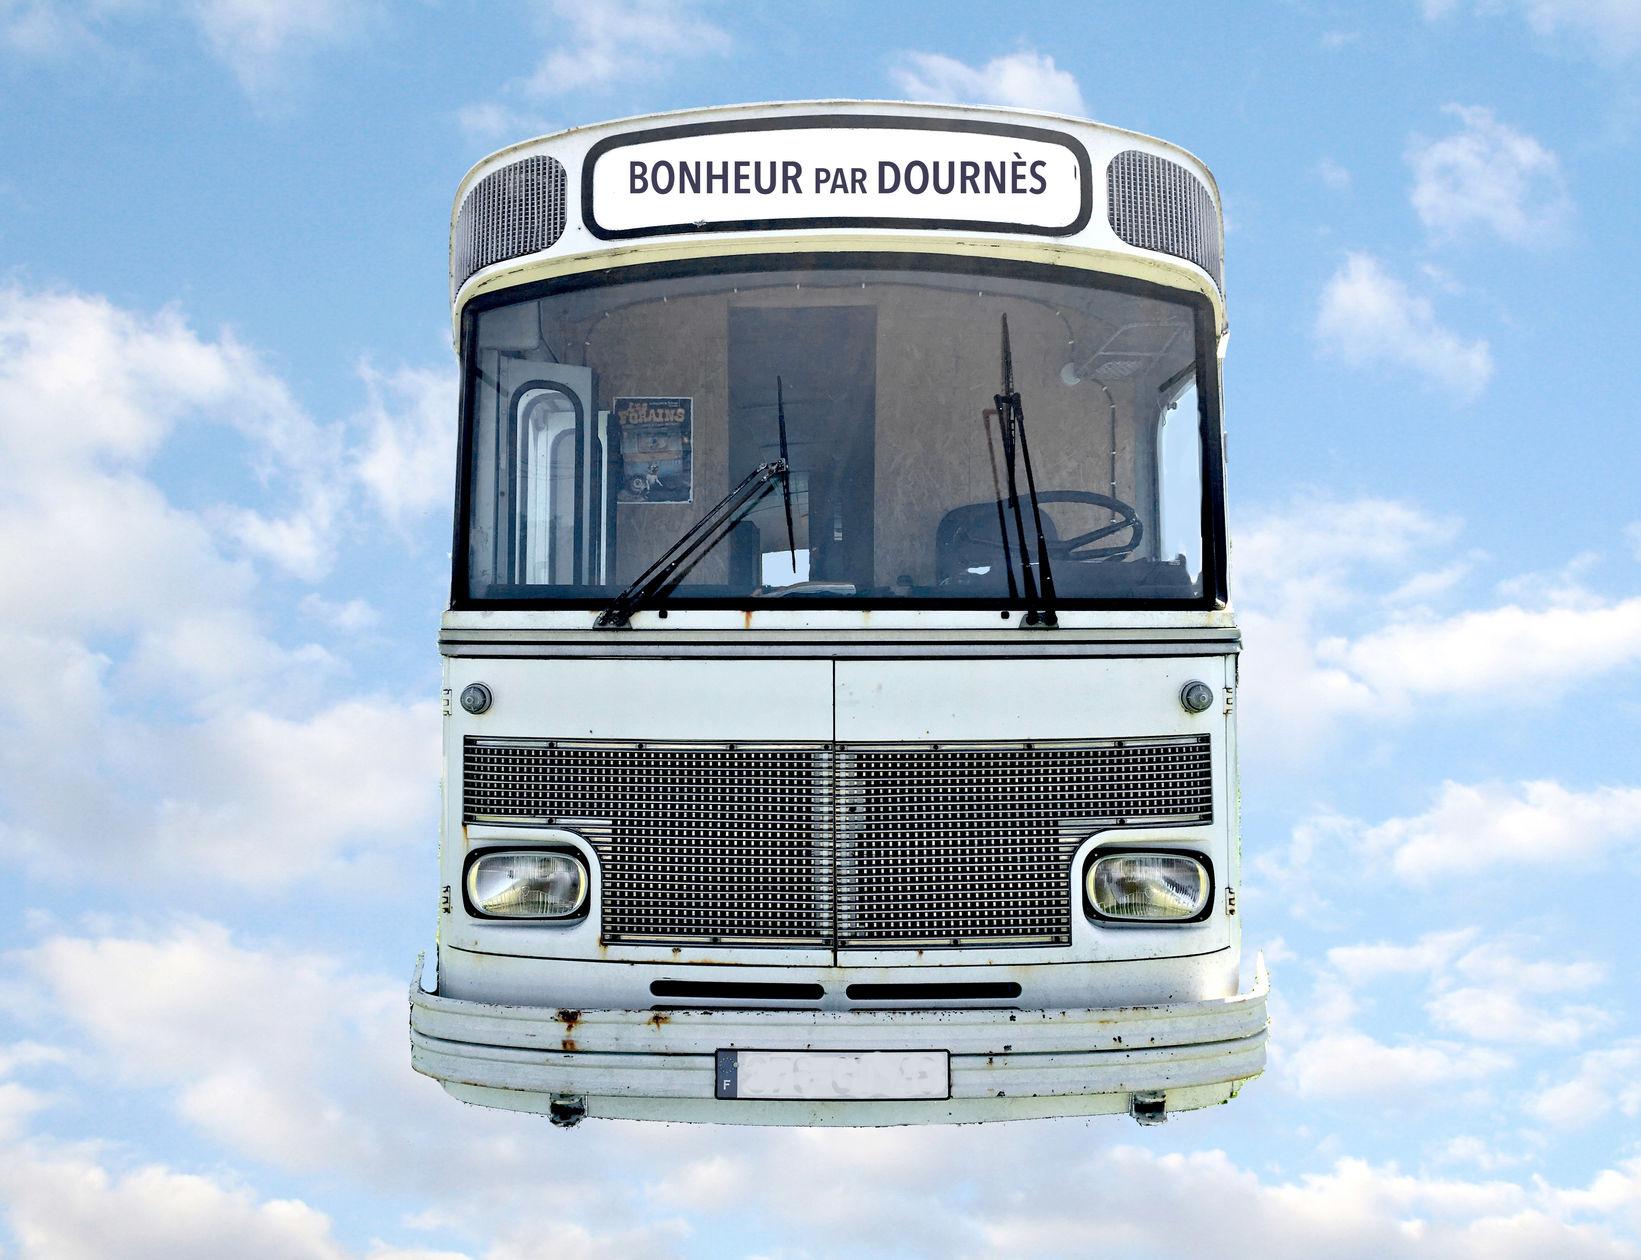 Chéri, le bus arrive !